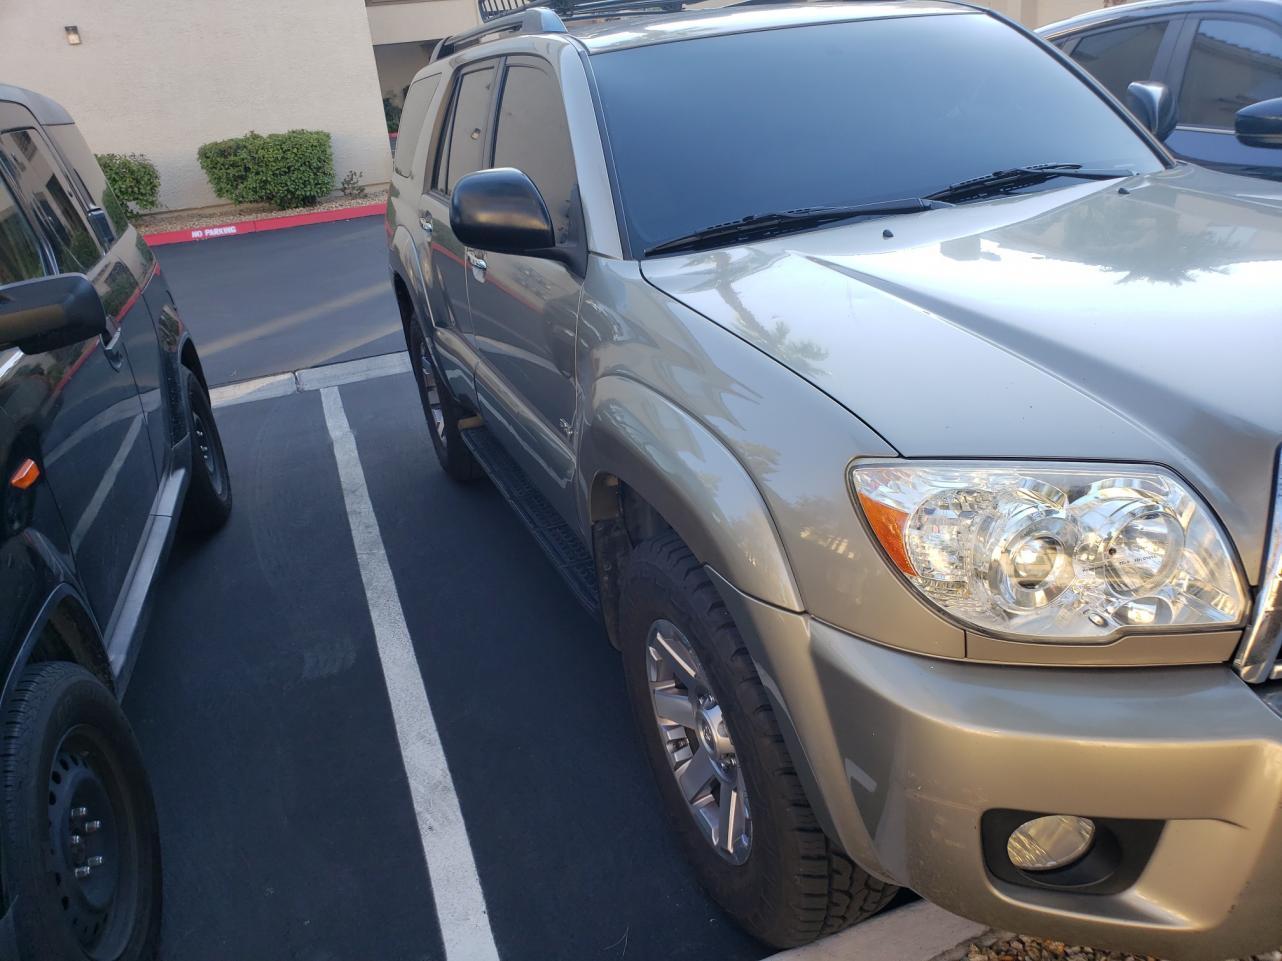 2007 4Runner SR5 for sale-truck-10-jpg